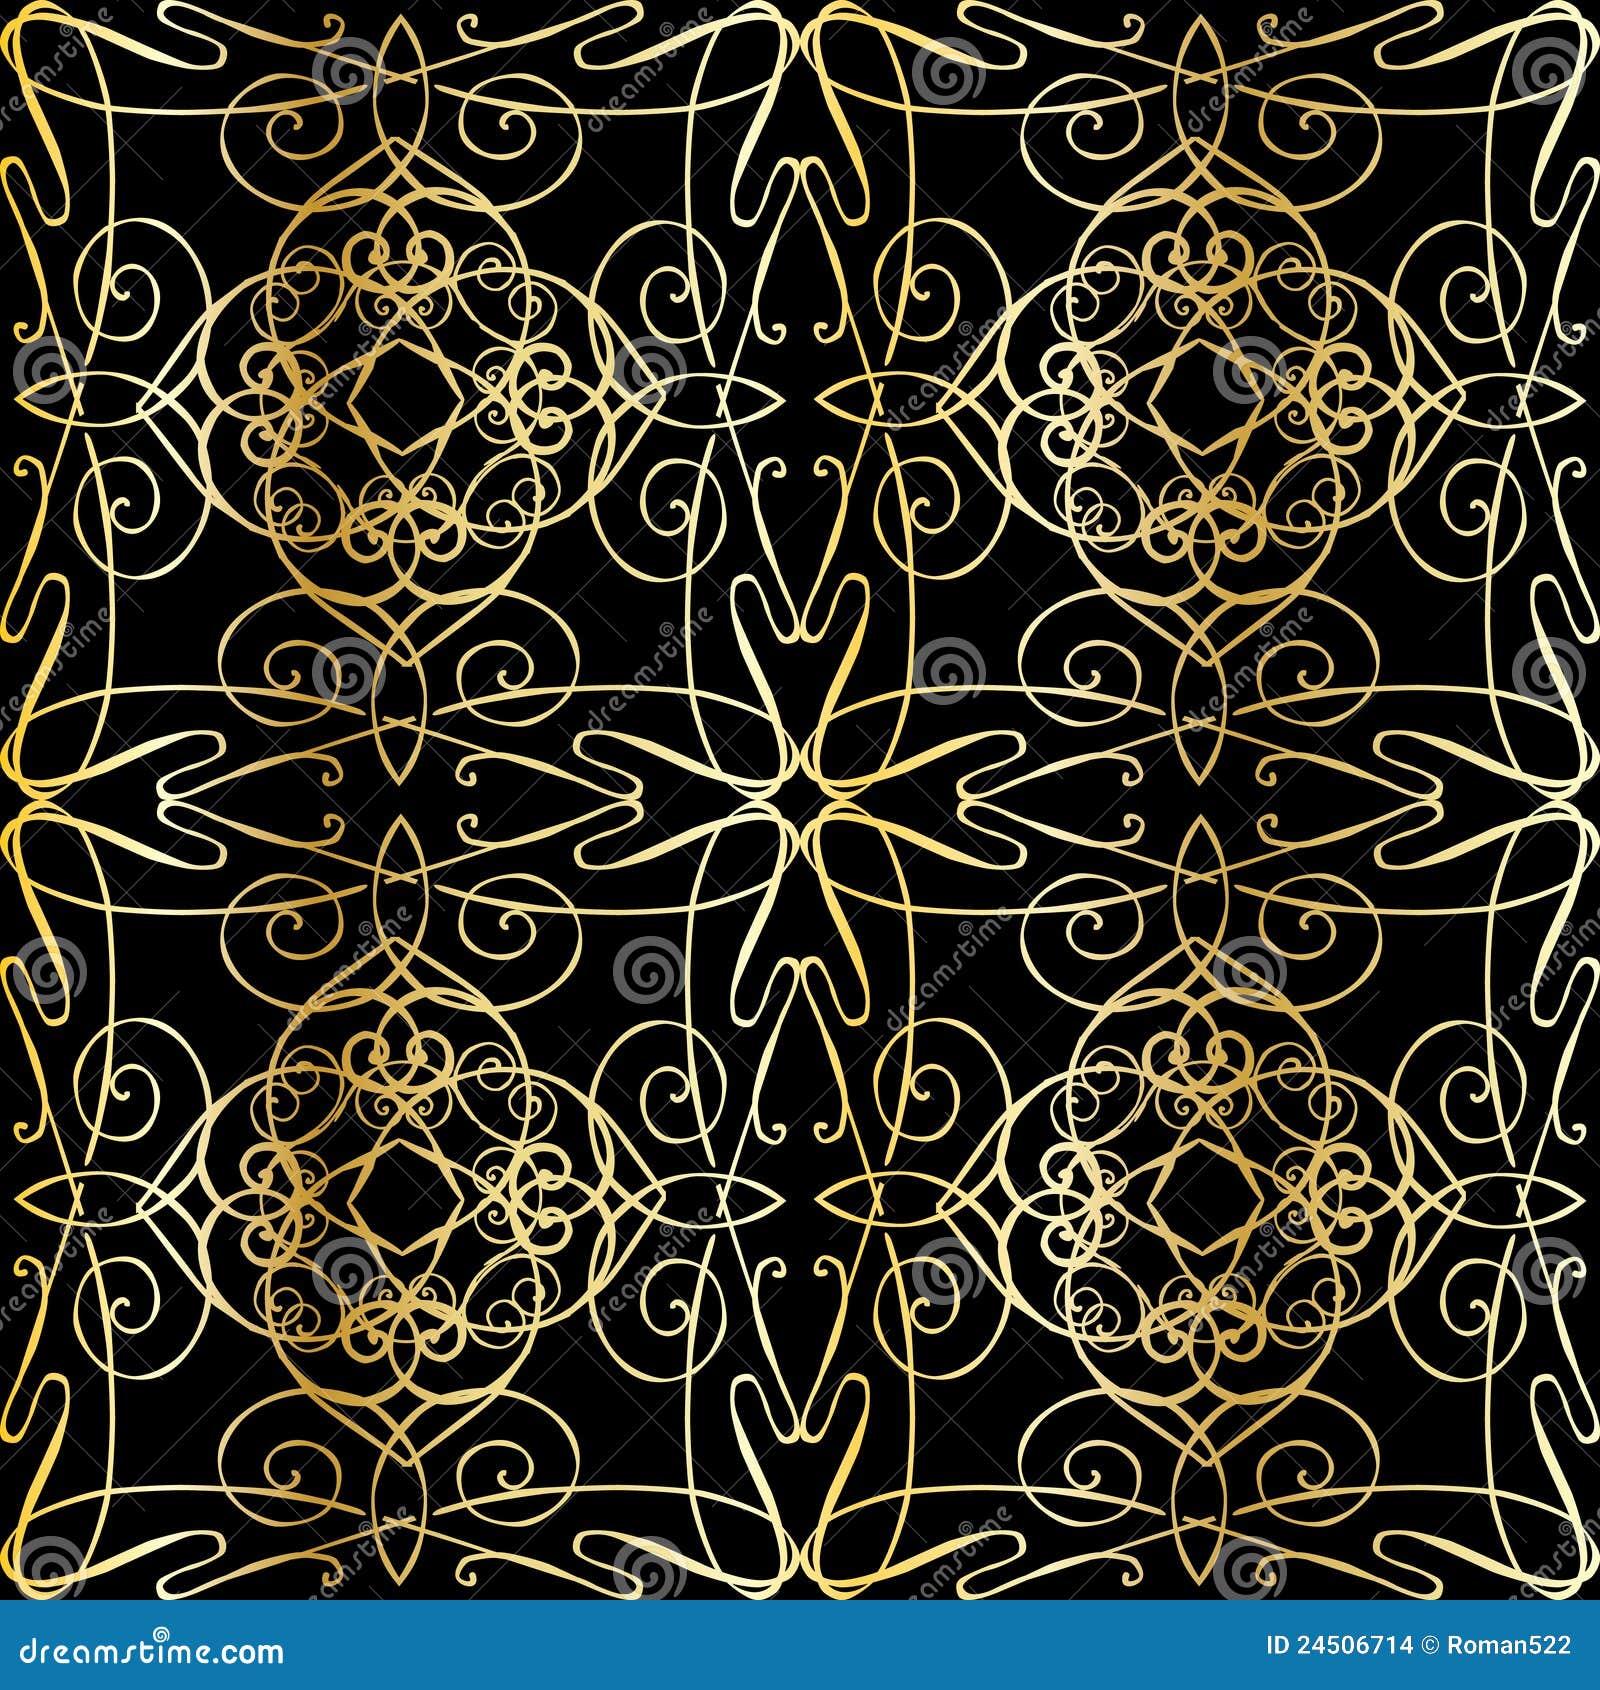 elegant filigree background with - photo #34